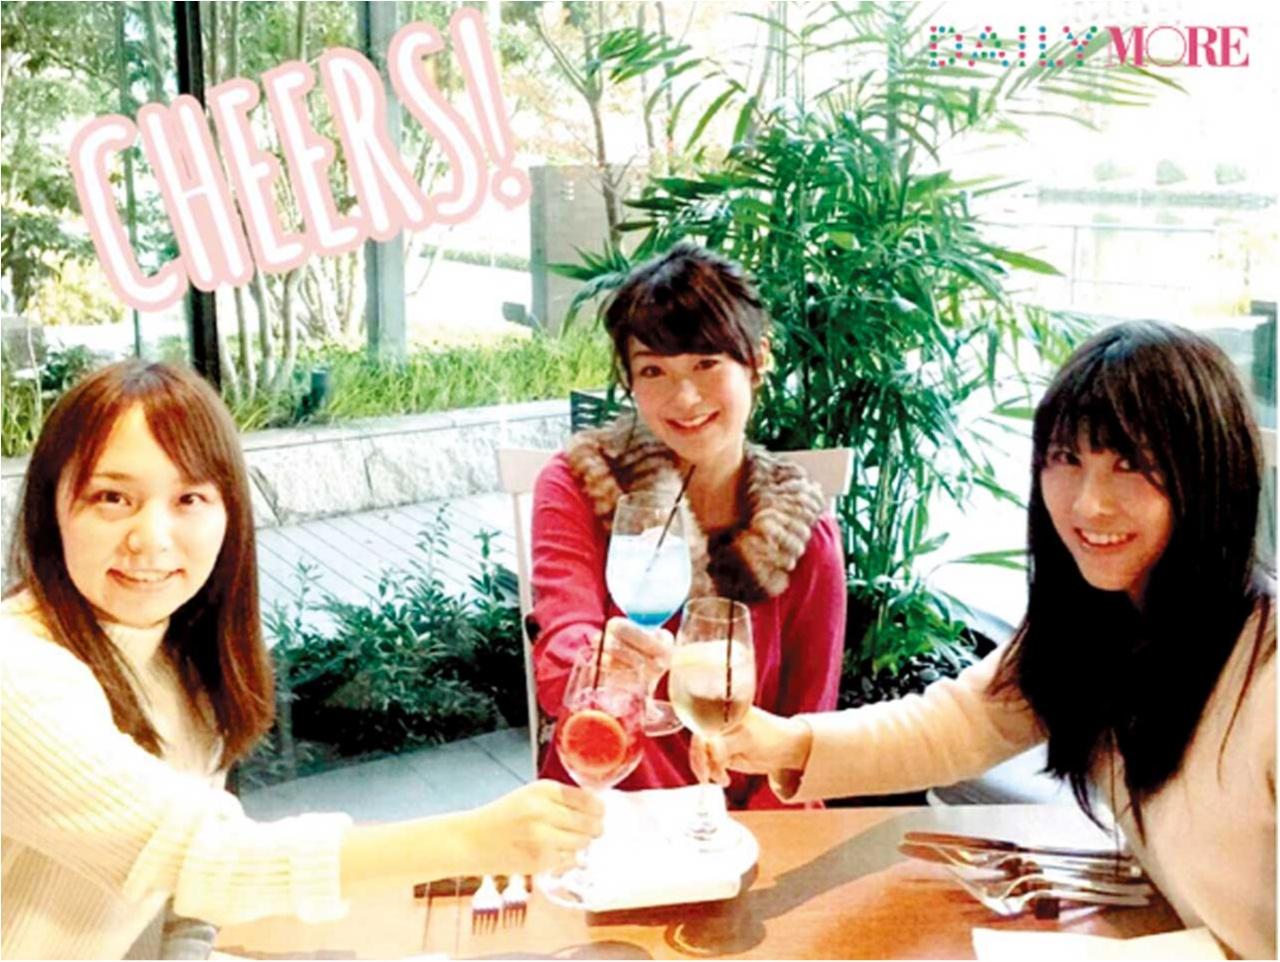 特別な日の女子会は、憧れホテルで♡ 『パレスホテル東京 グランド キッチン』♪【モアハピ部の三ツ星女子会スポット♡】_3